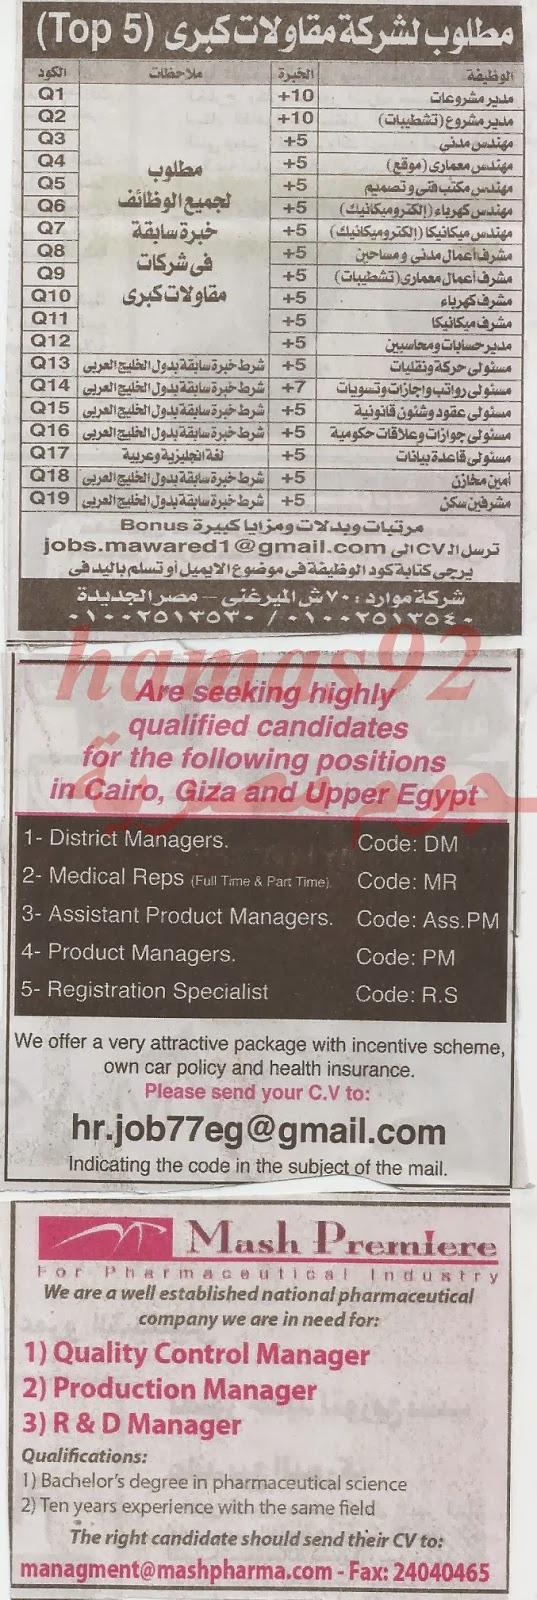 وظائف جريدة الاهرام اليوم السبت 04-01-2014 , اعلانات وظائف خالية اليوم 4 يناير 2014